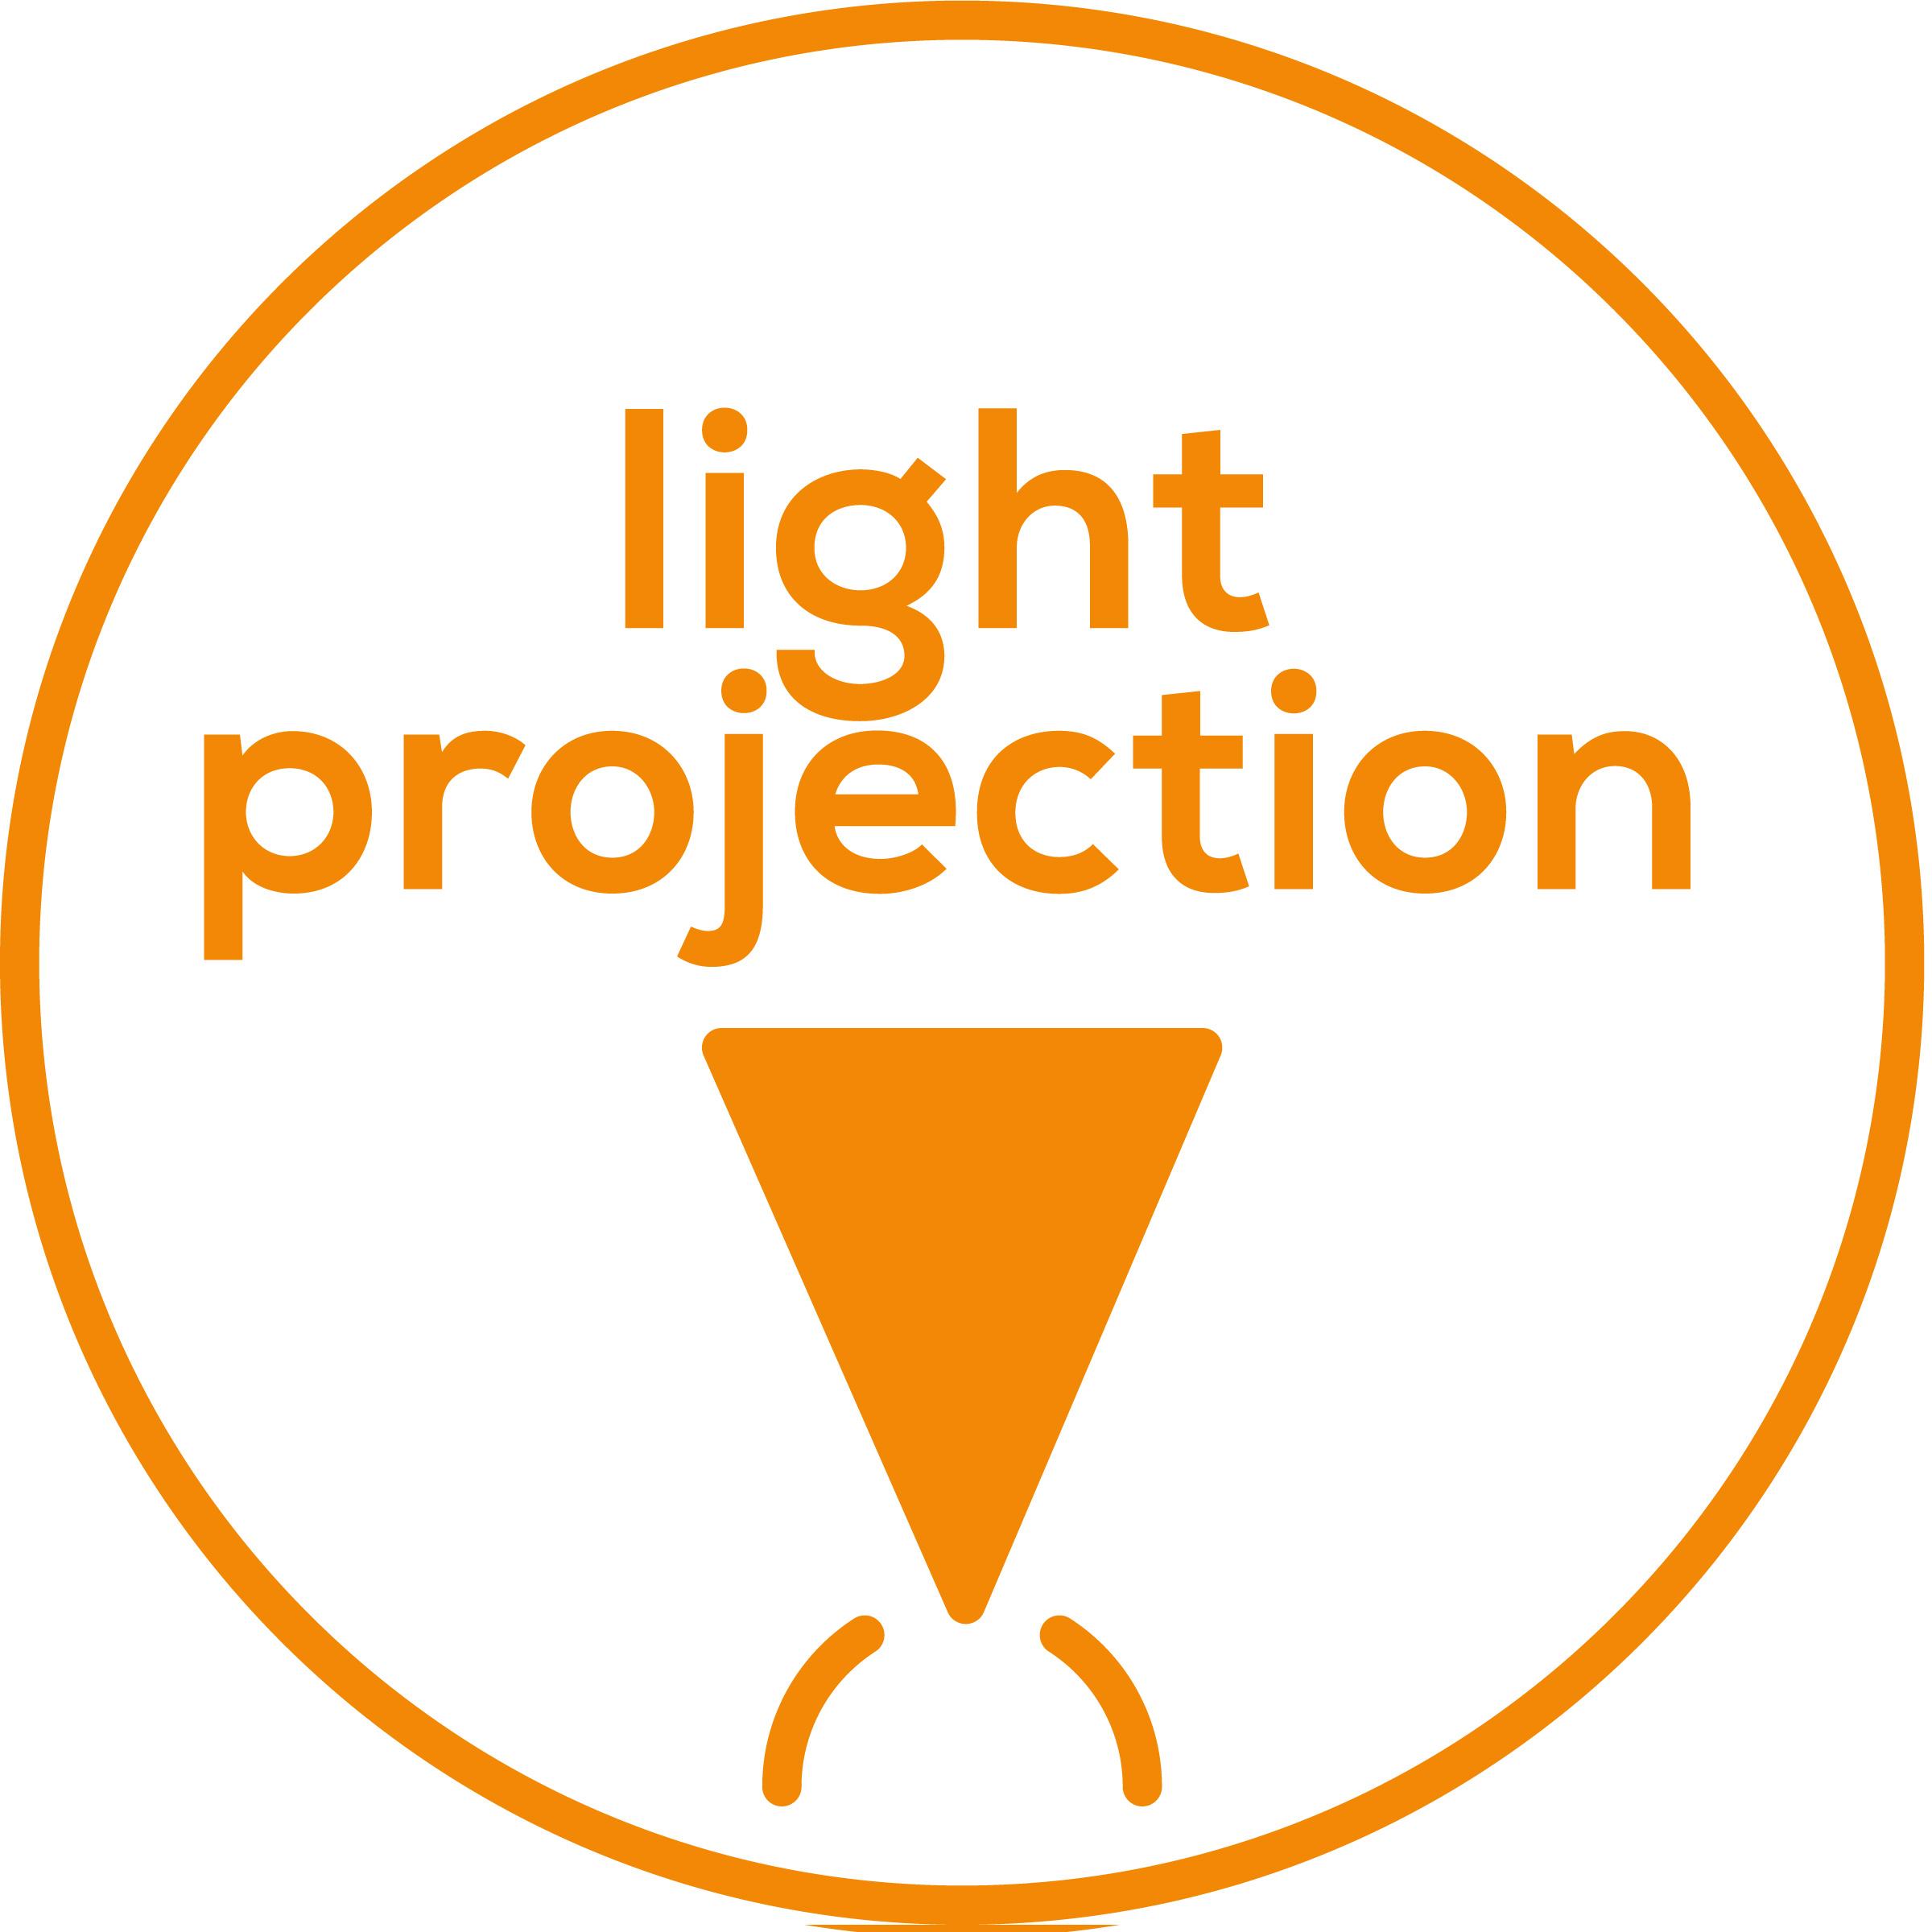 Lichtprojektion Pulsierende Lichtprojektion an die Zimmerdecke